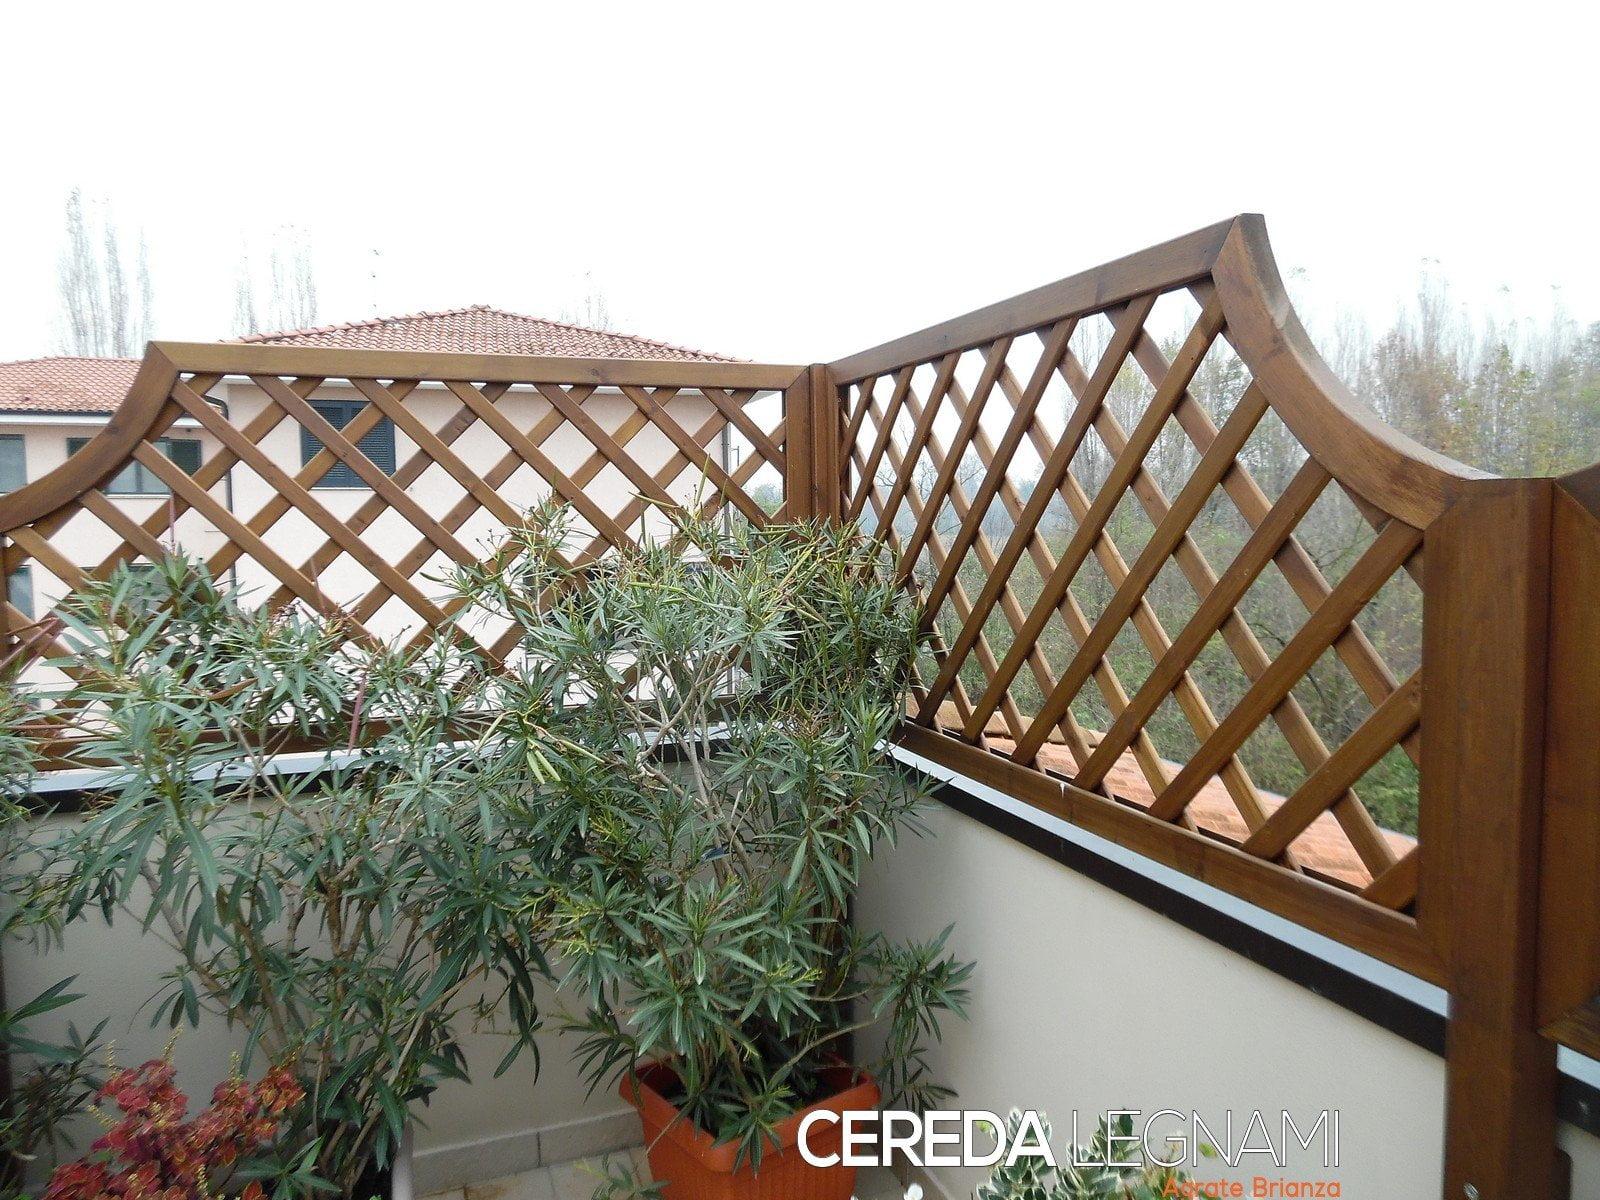 Divisori in legno per giardini e terrazzi cereda legnami for Divisori da giardino